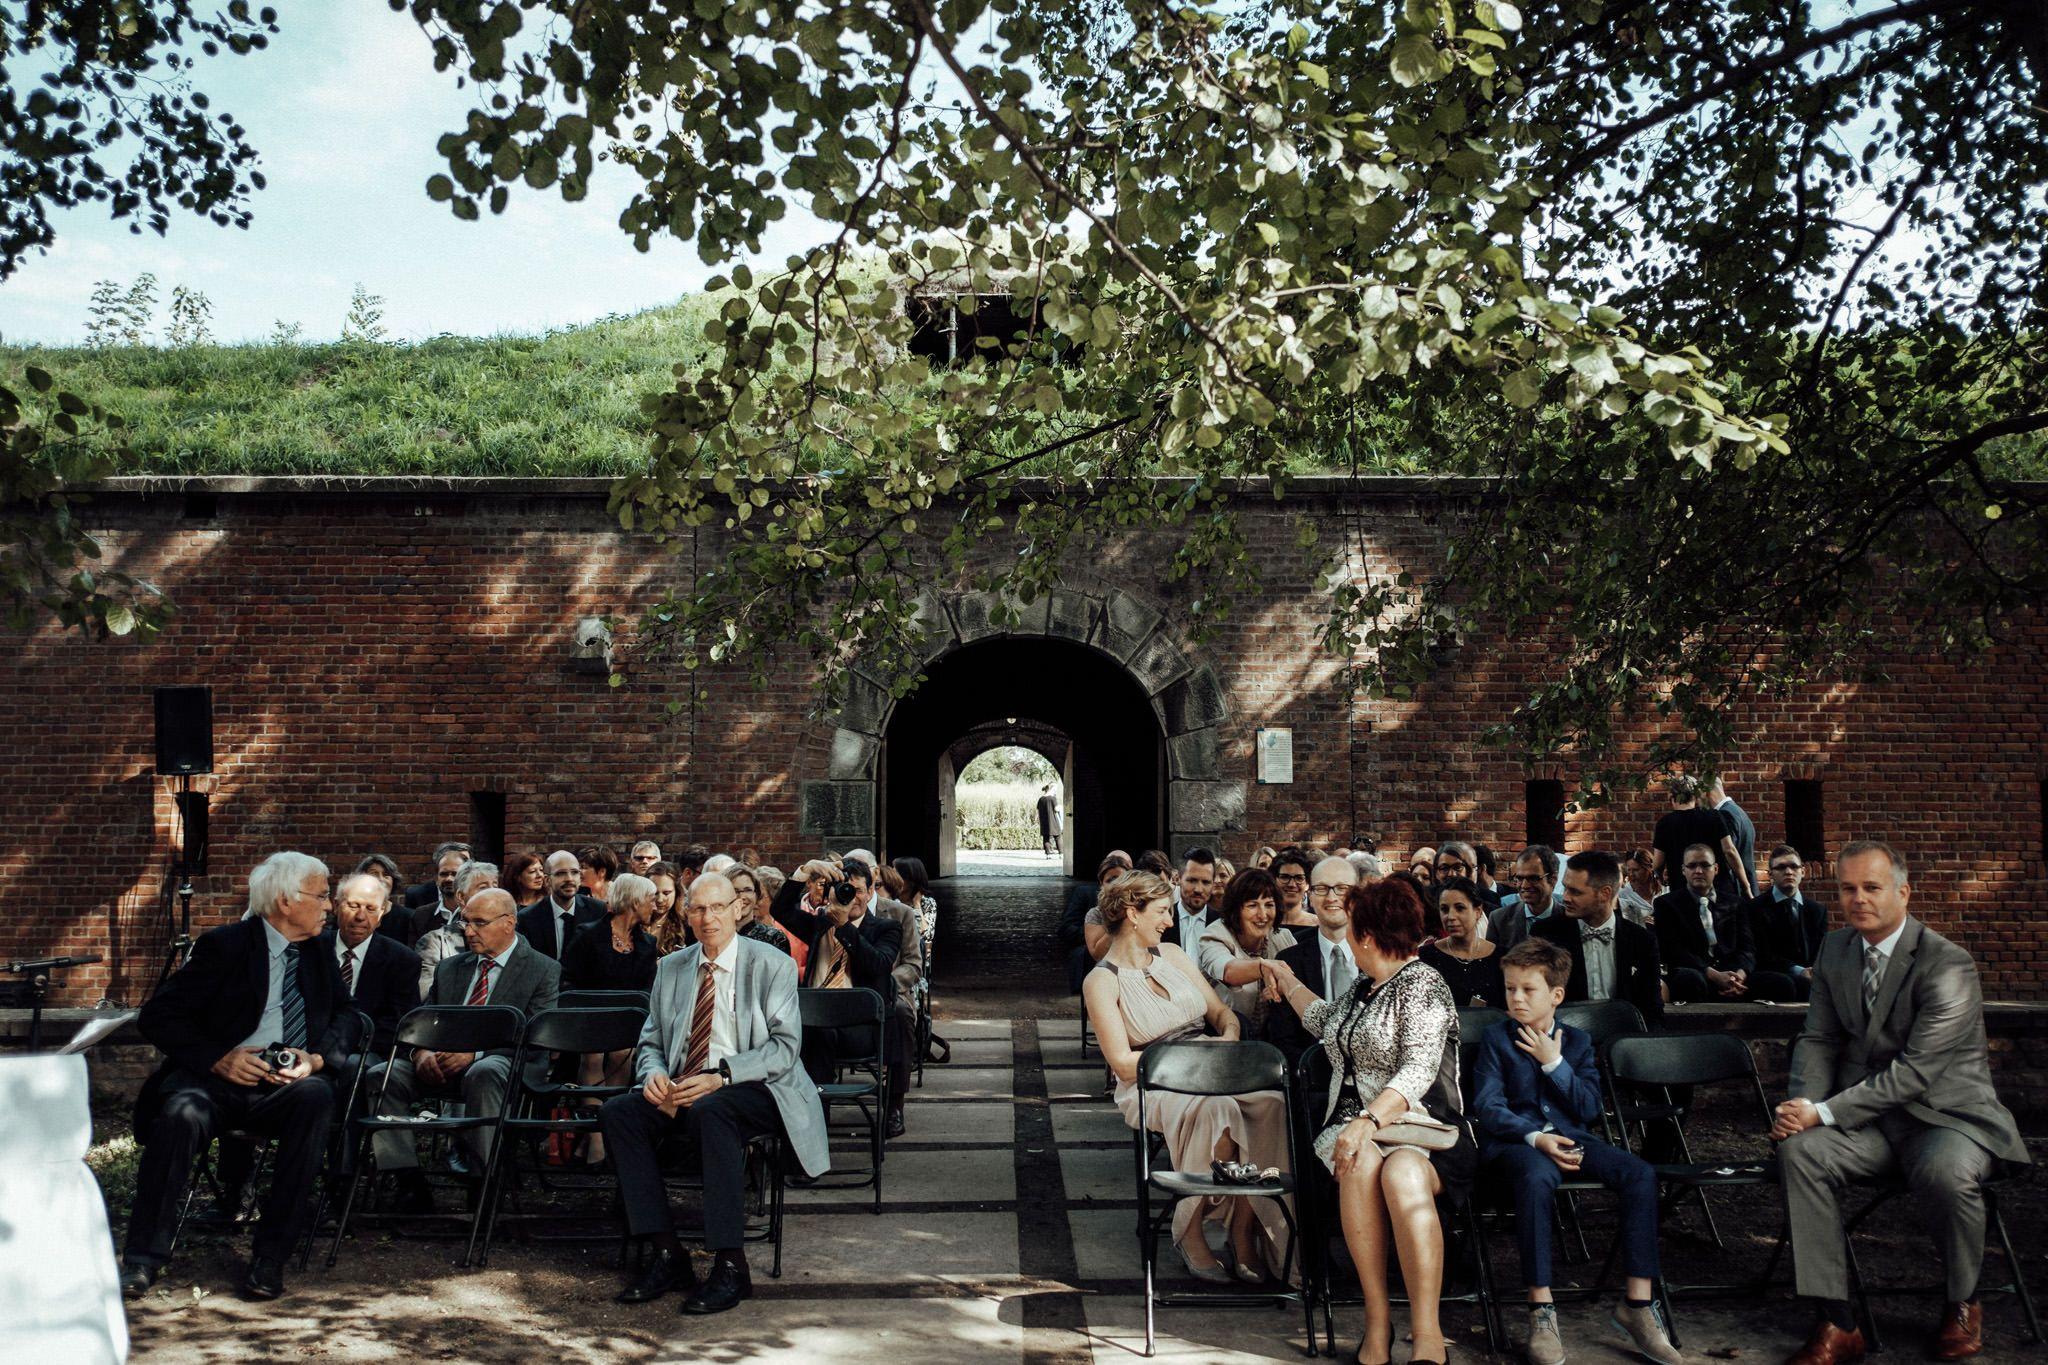 Freie Trauung An Der Rur Trauung Unter Freiem Himmel In Nrw Bruckenkopf Park Julich Aussergewohnlich Hochzeitsfotograf Hochzeitslocation Hochzeitsfotos